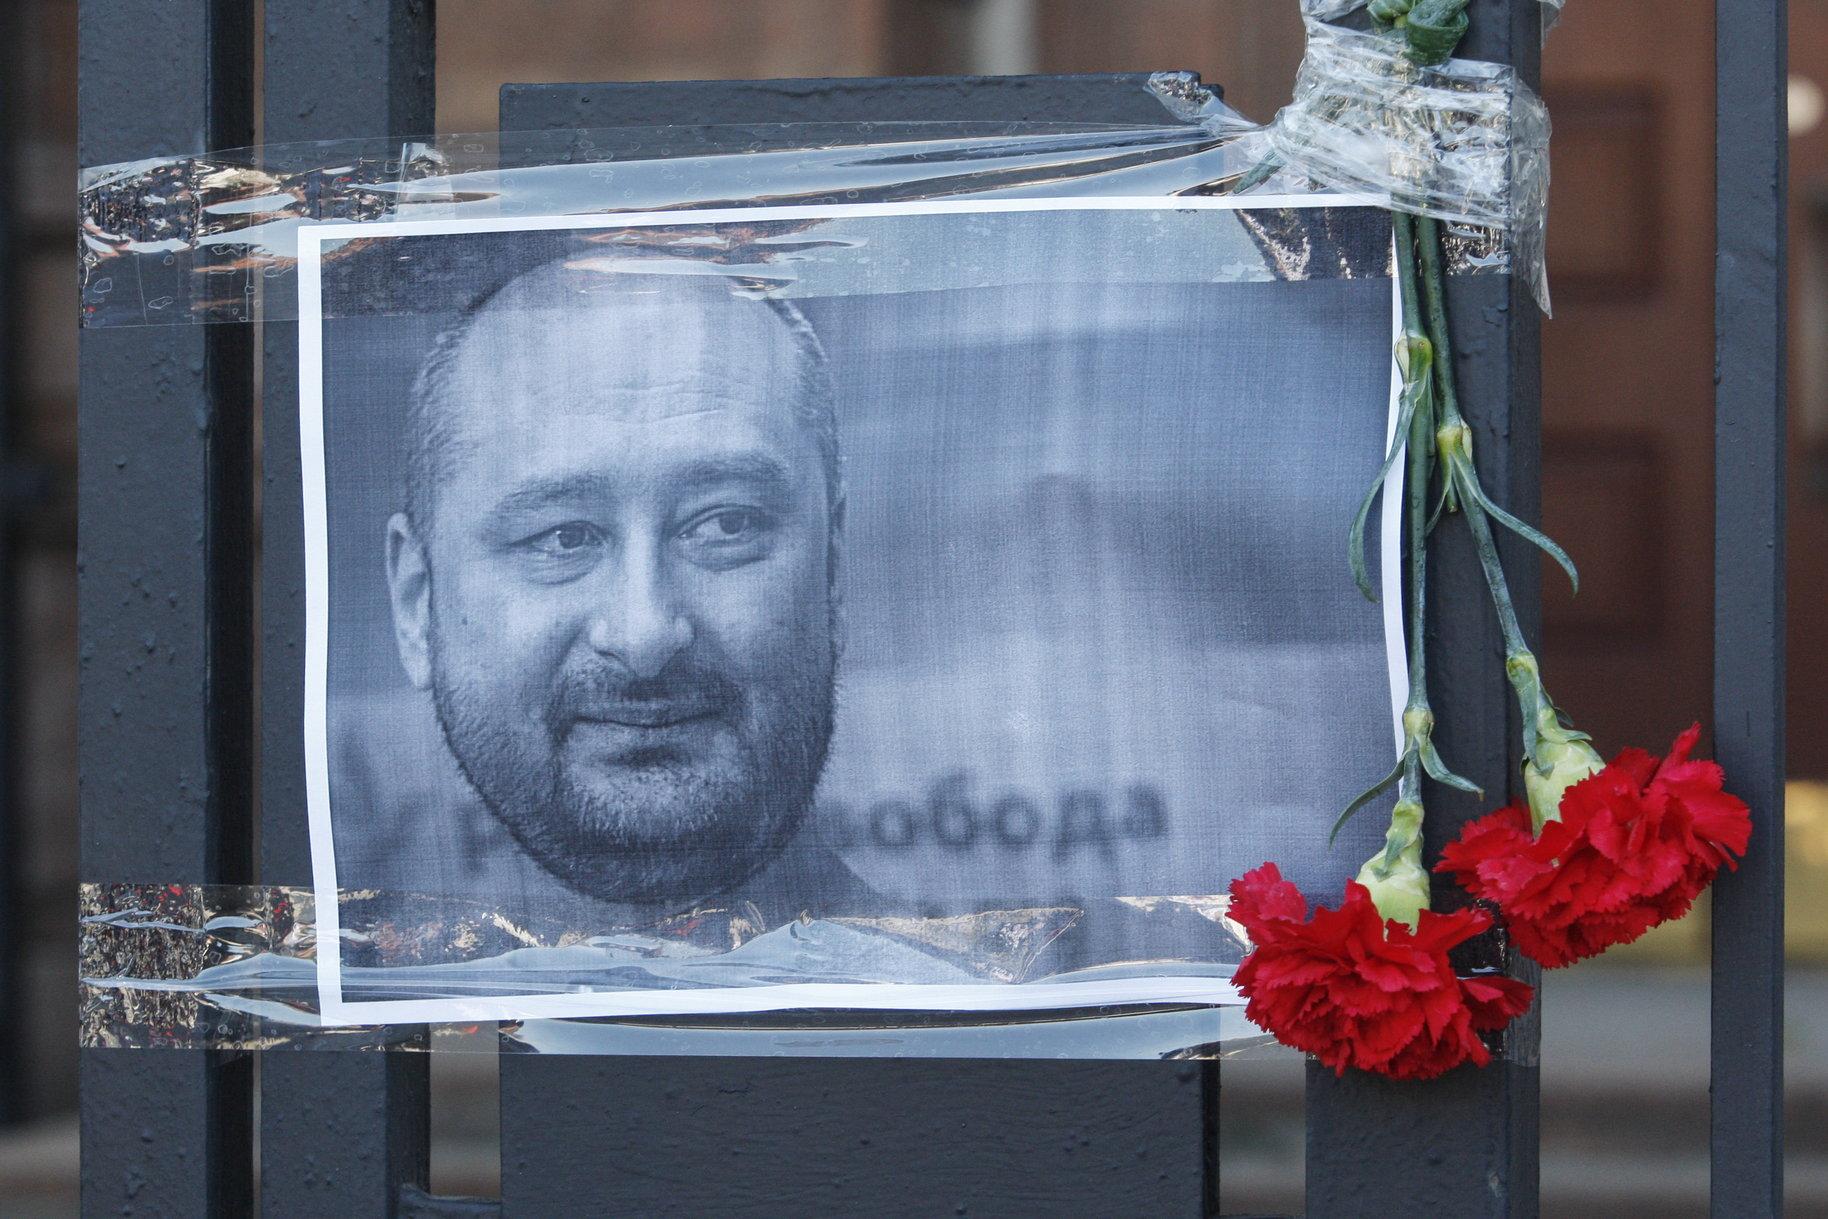 Babčenko zahvalio ukrajinskoj službi sigurnosti što mu je spasila život